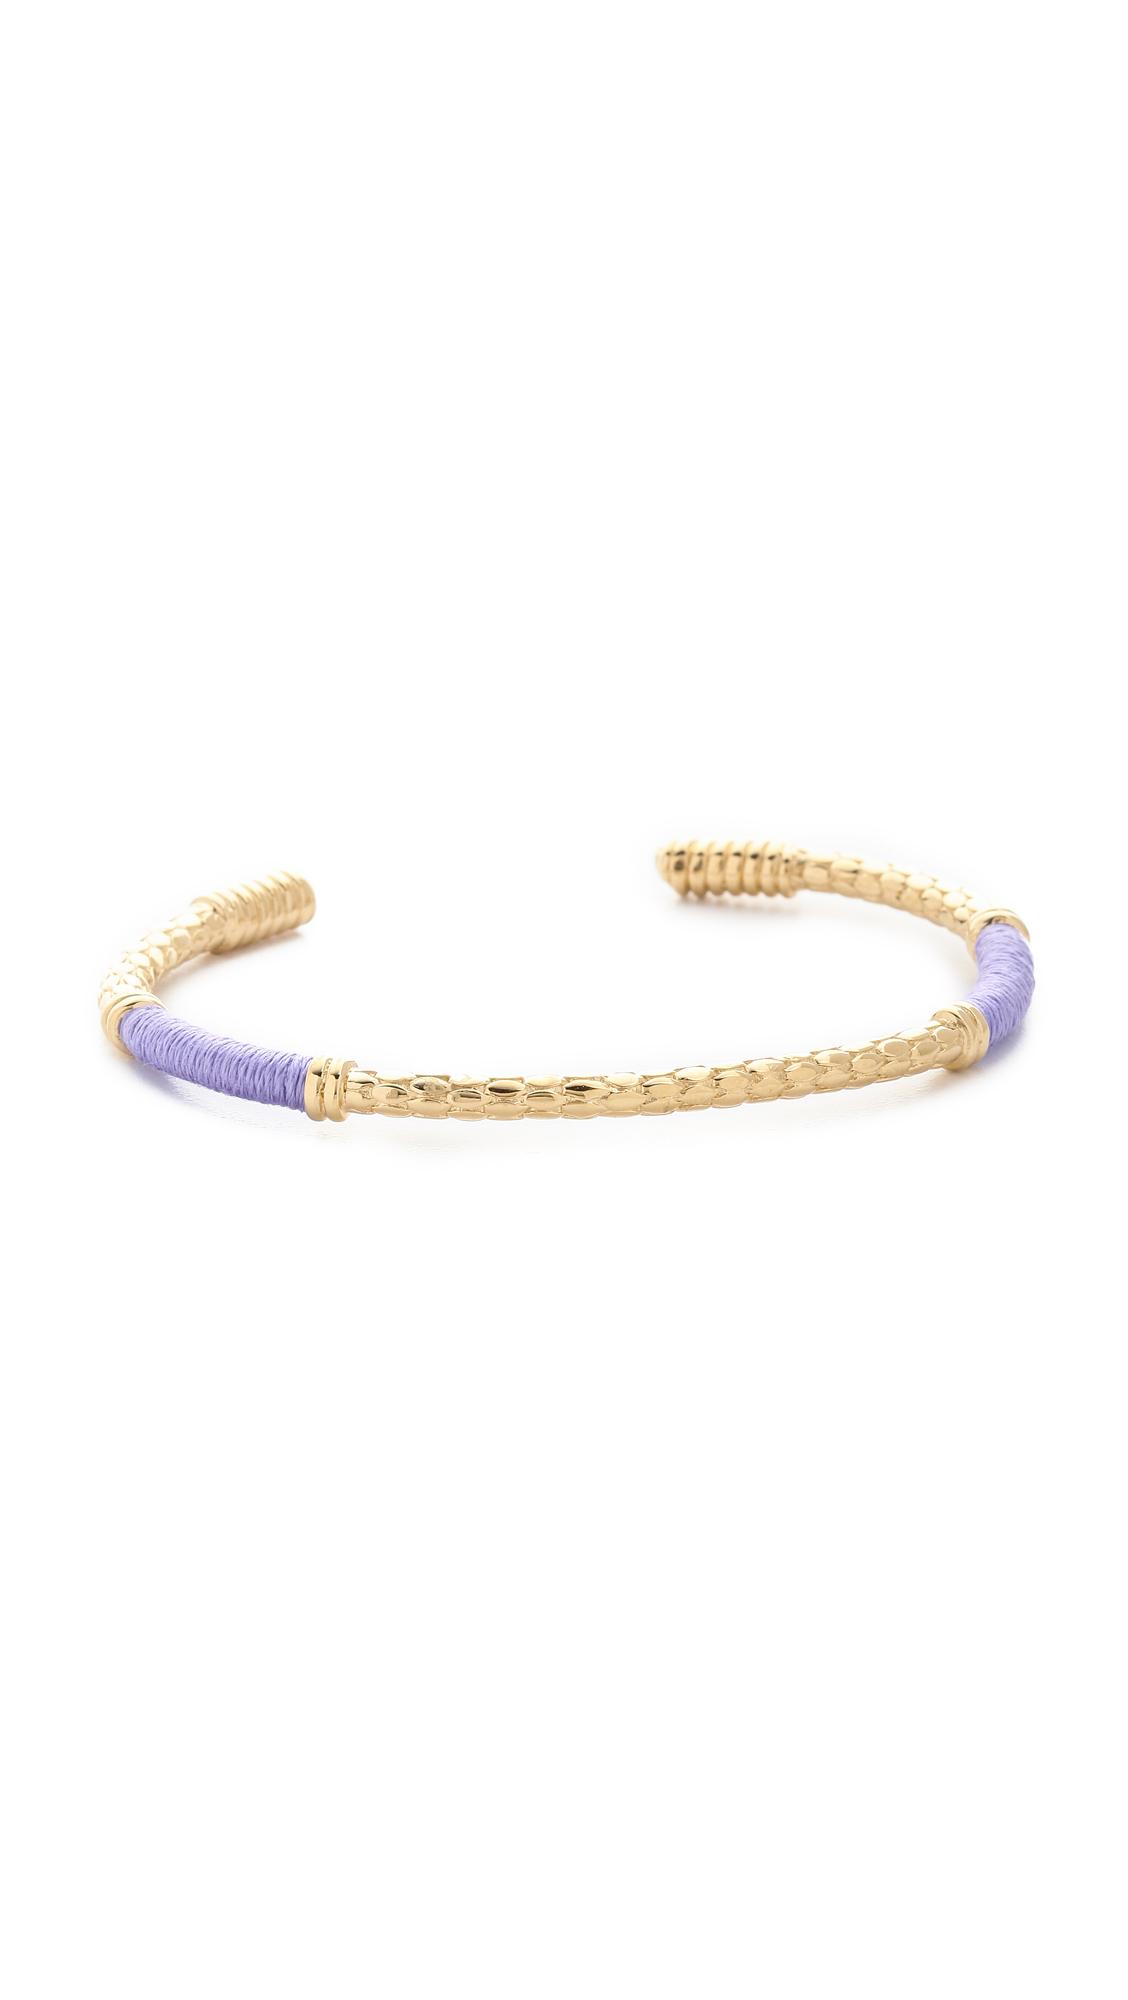 Aurelie Bidermann Soho Bracelet - Lila at Shopbop